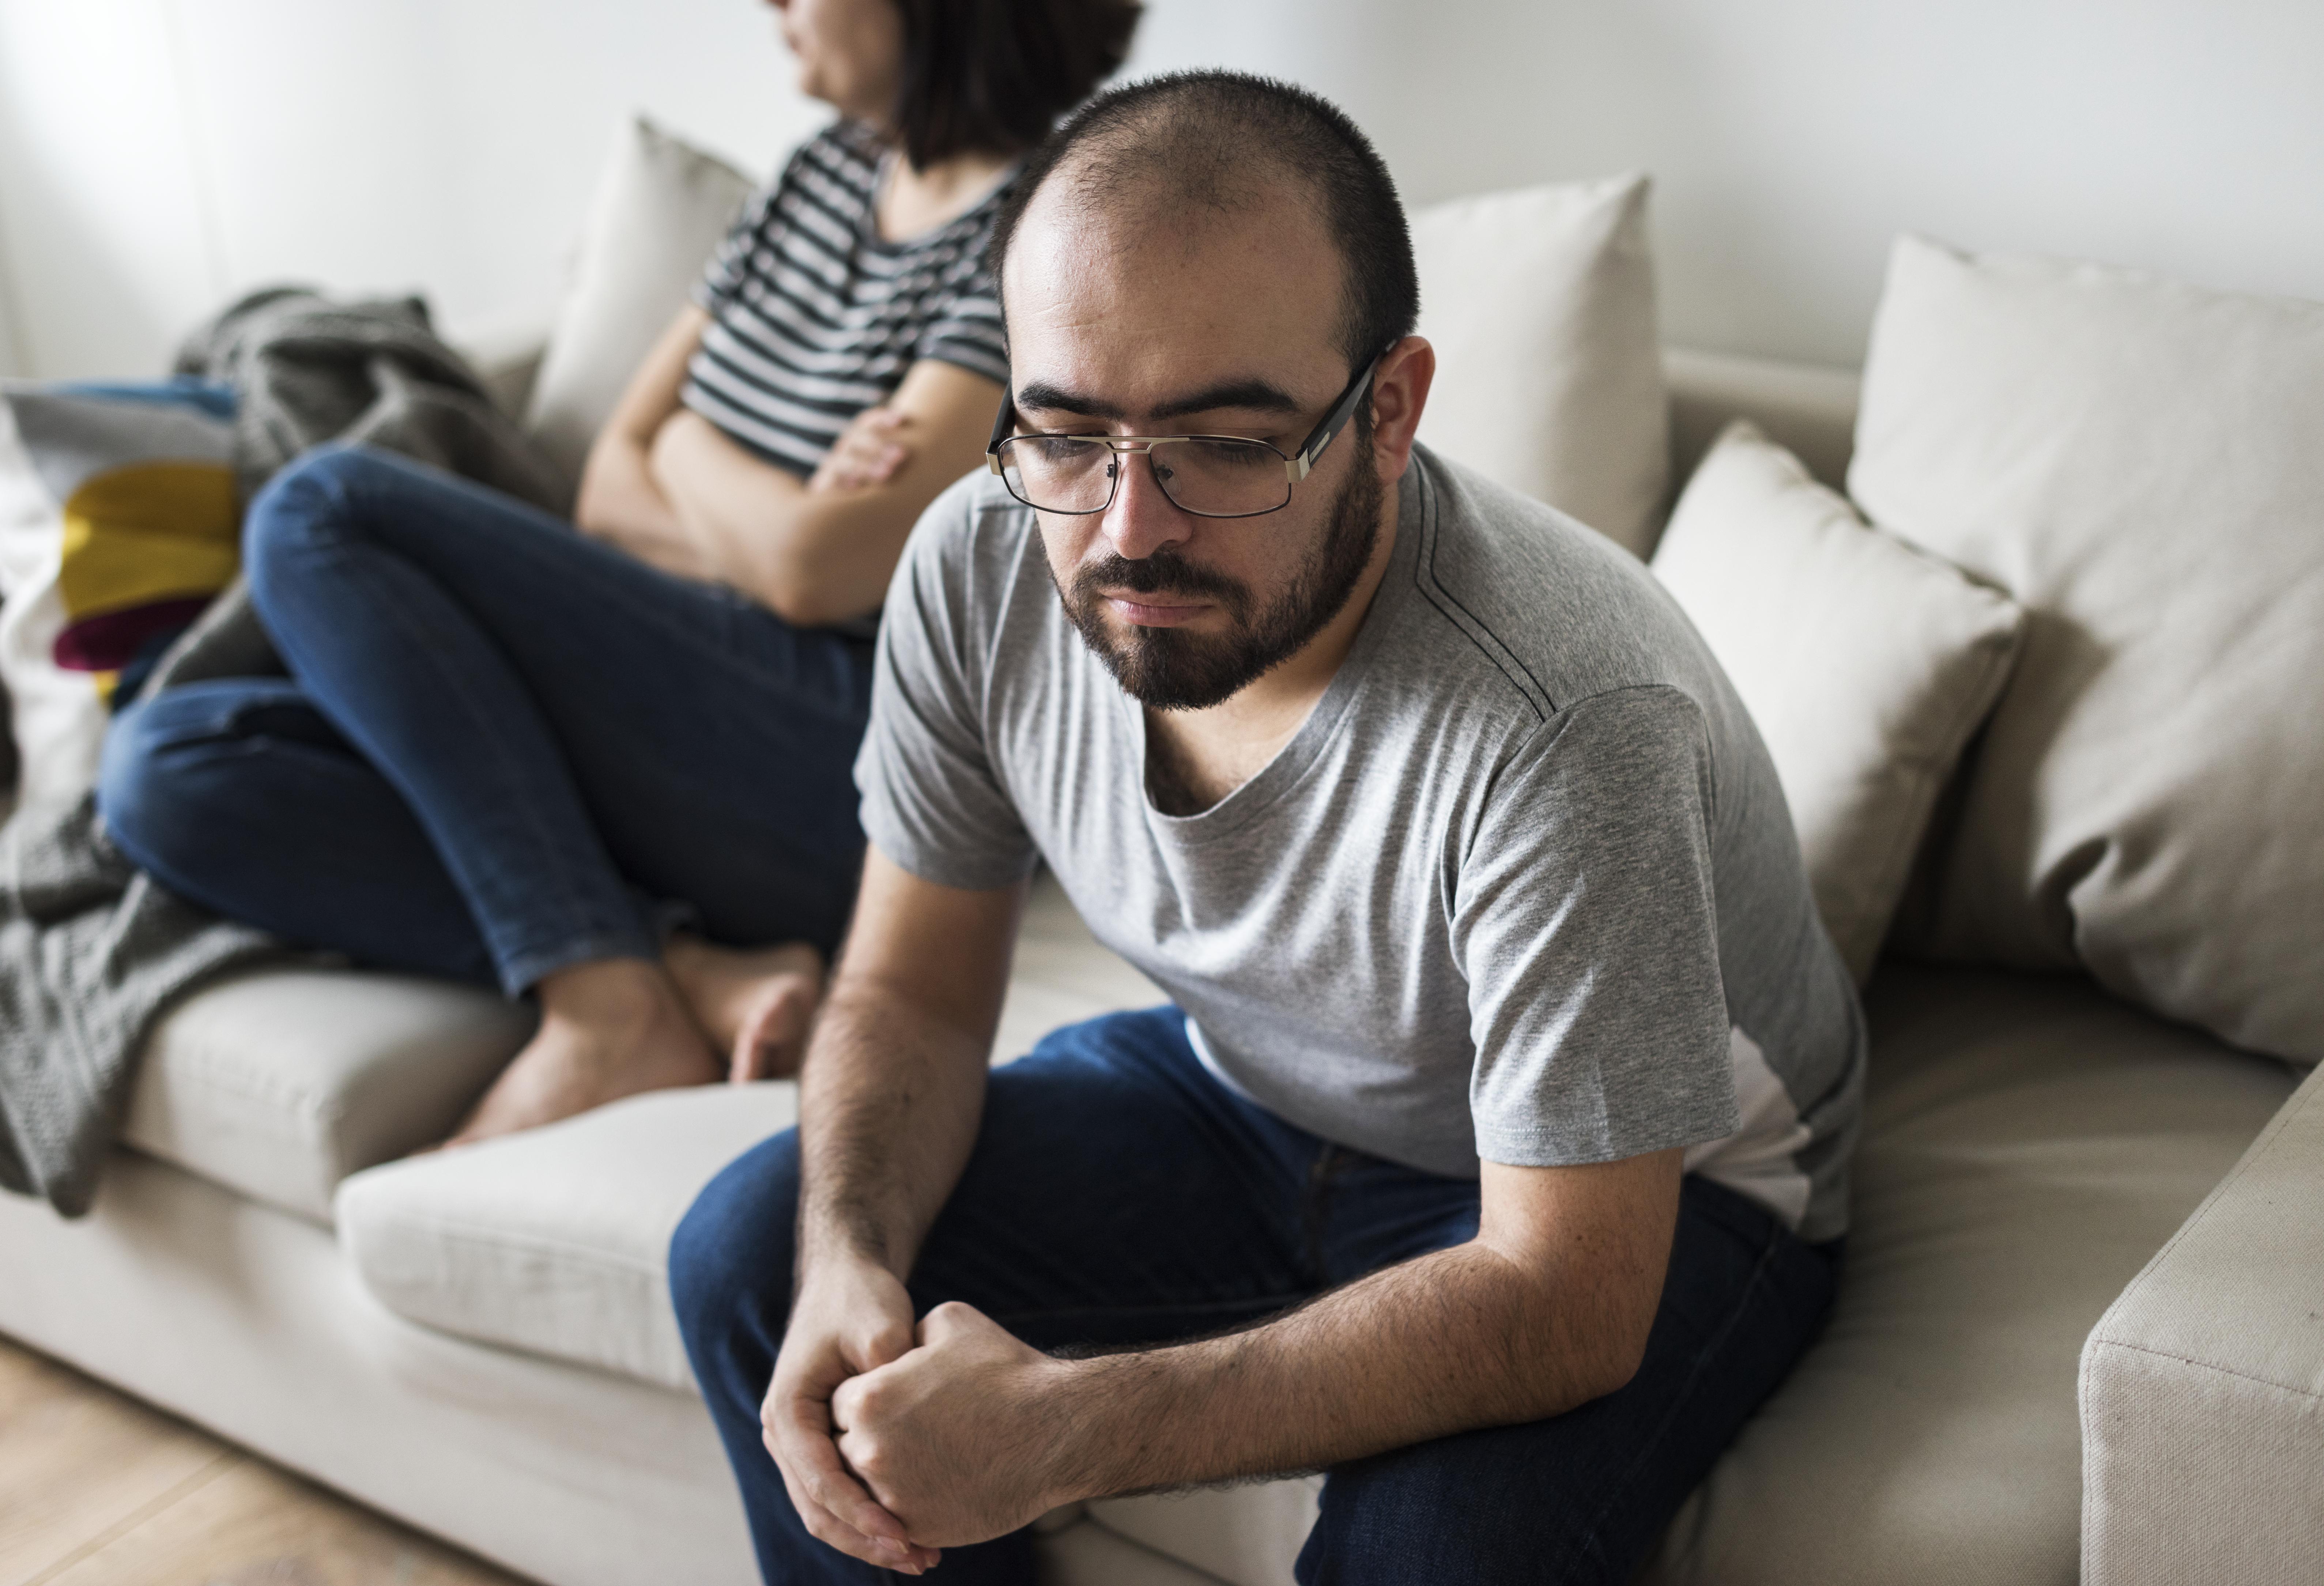 Unhappy couple arguing on the sofa